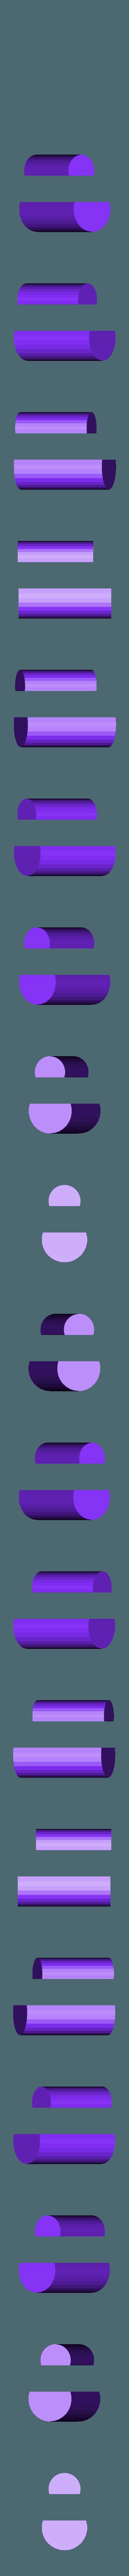 clips.STL Télécharger fichier STL gratuit Baguette Fleur Delacour • Objet imprimable en 3D, Absolute3D